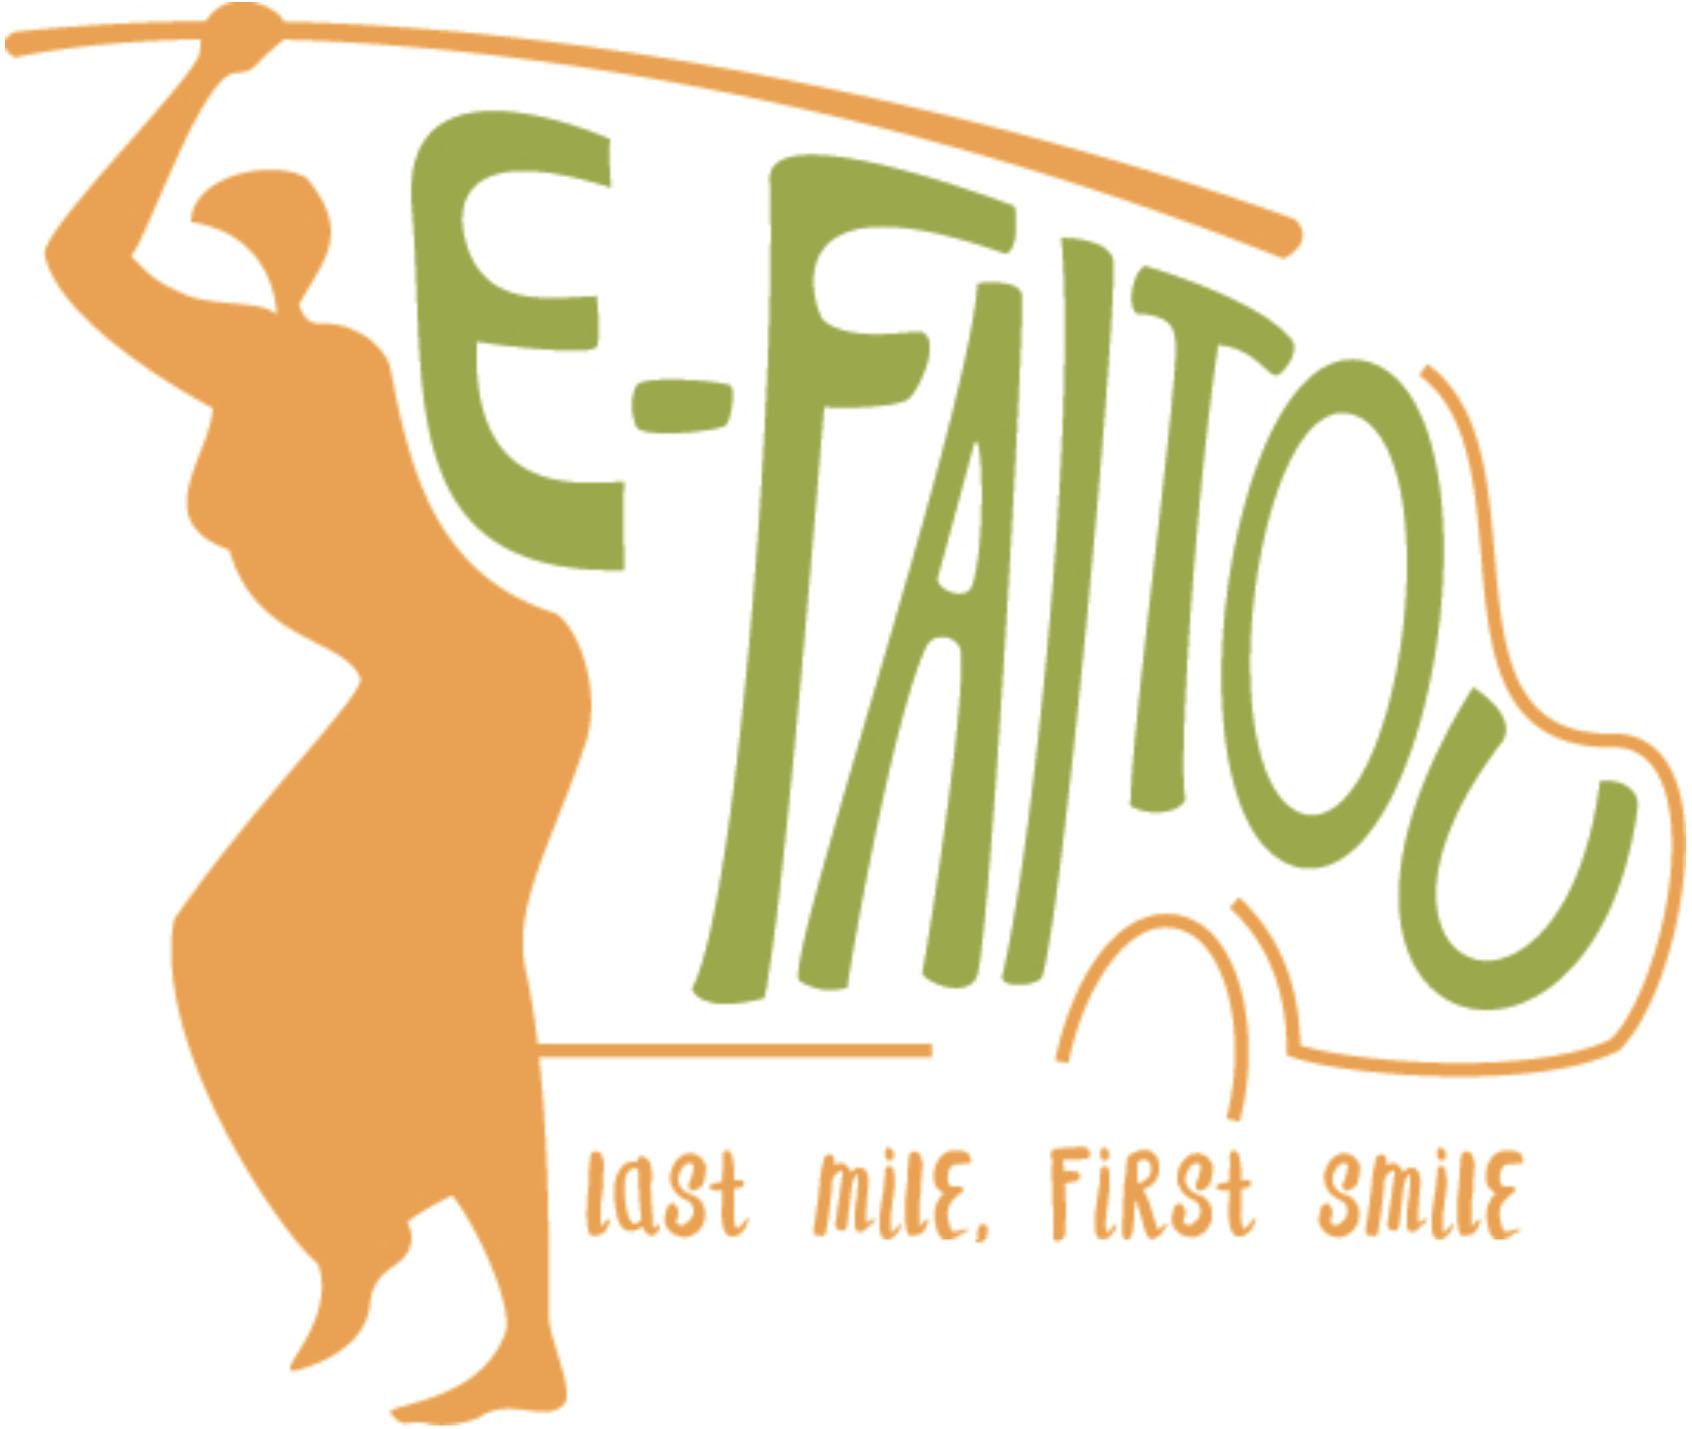 E-FAITOU